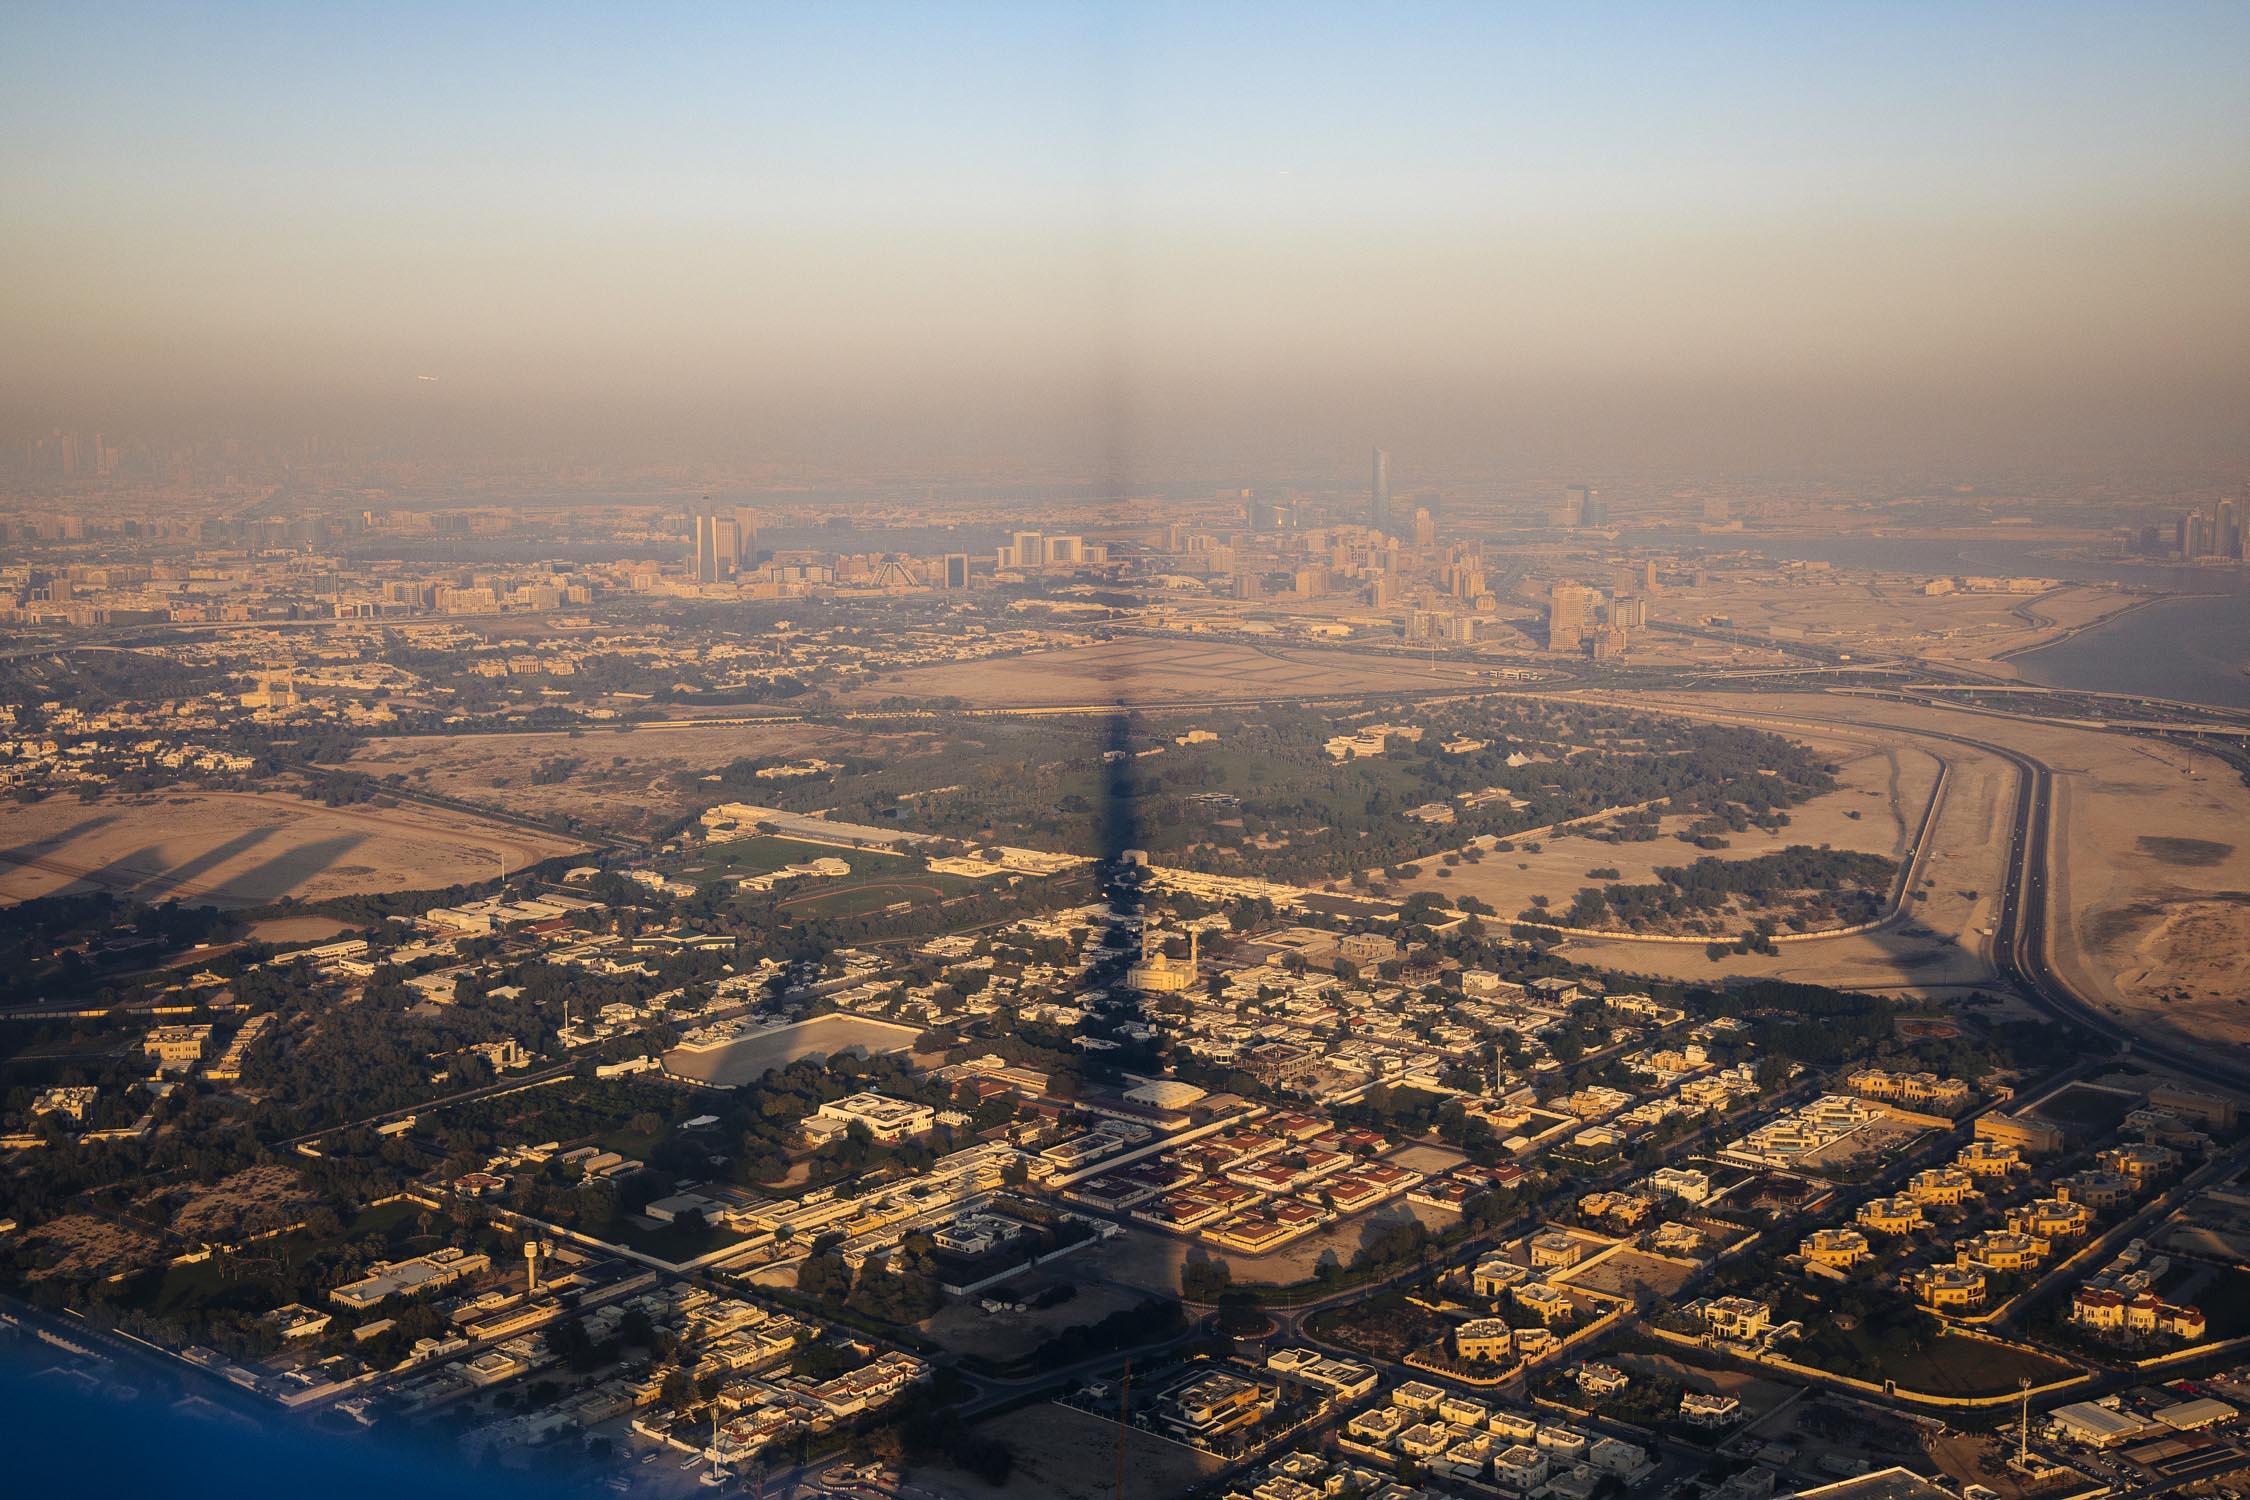 07_2018_12_05_UAE_0241.jpg